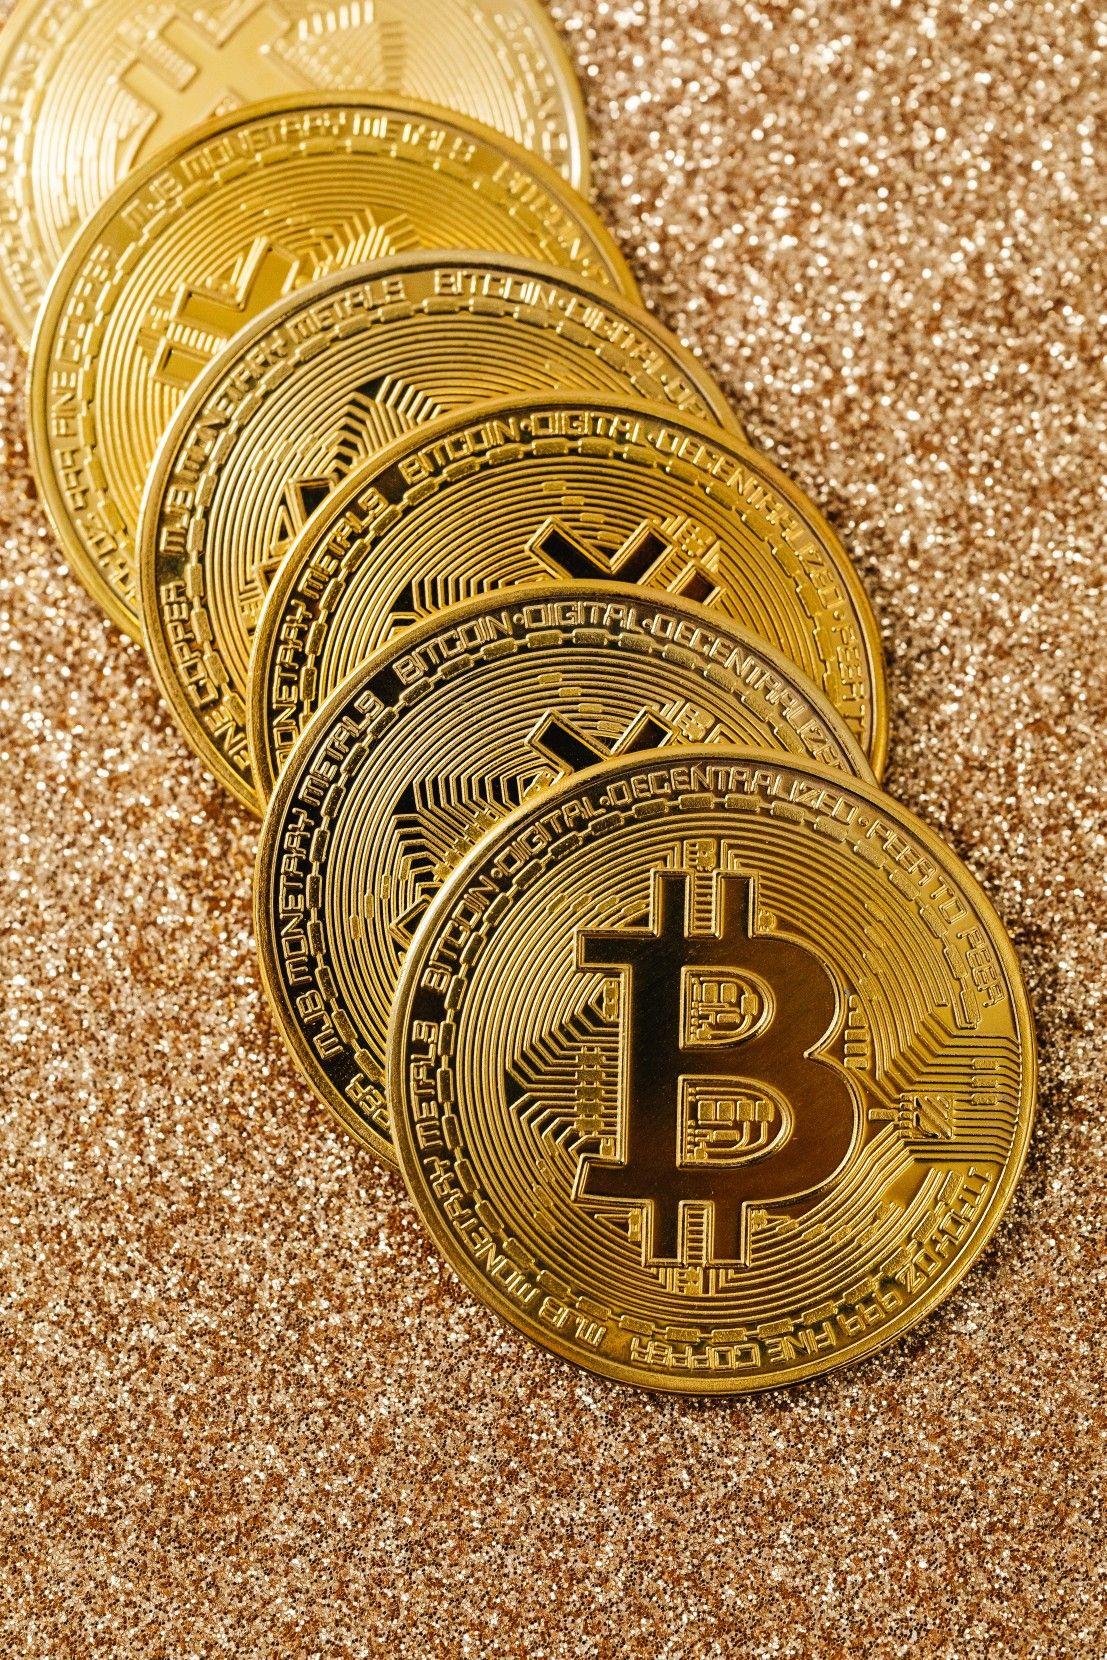 Jovem que ficou milionário à custa da bitcoin diz que moeda digital